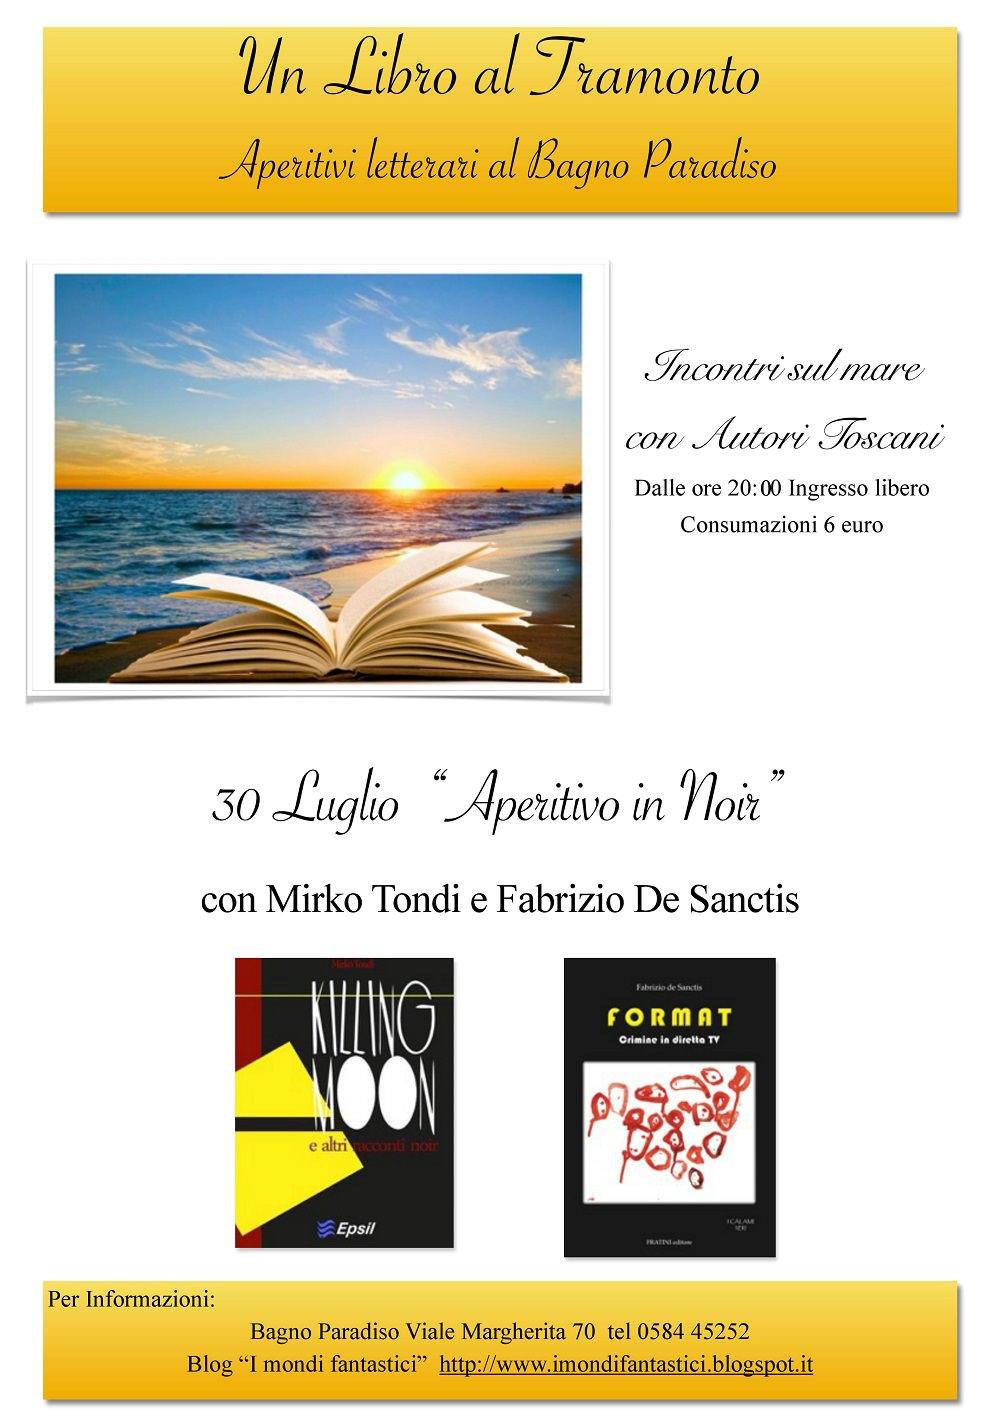 Un libro al tramonto al bagno paradiso ogni gioved - Bagno elena forte dei marmi ...